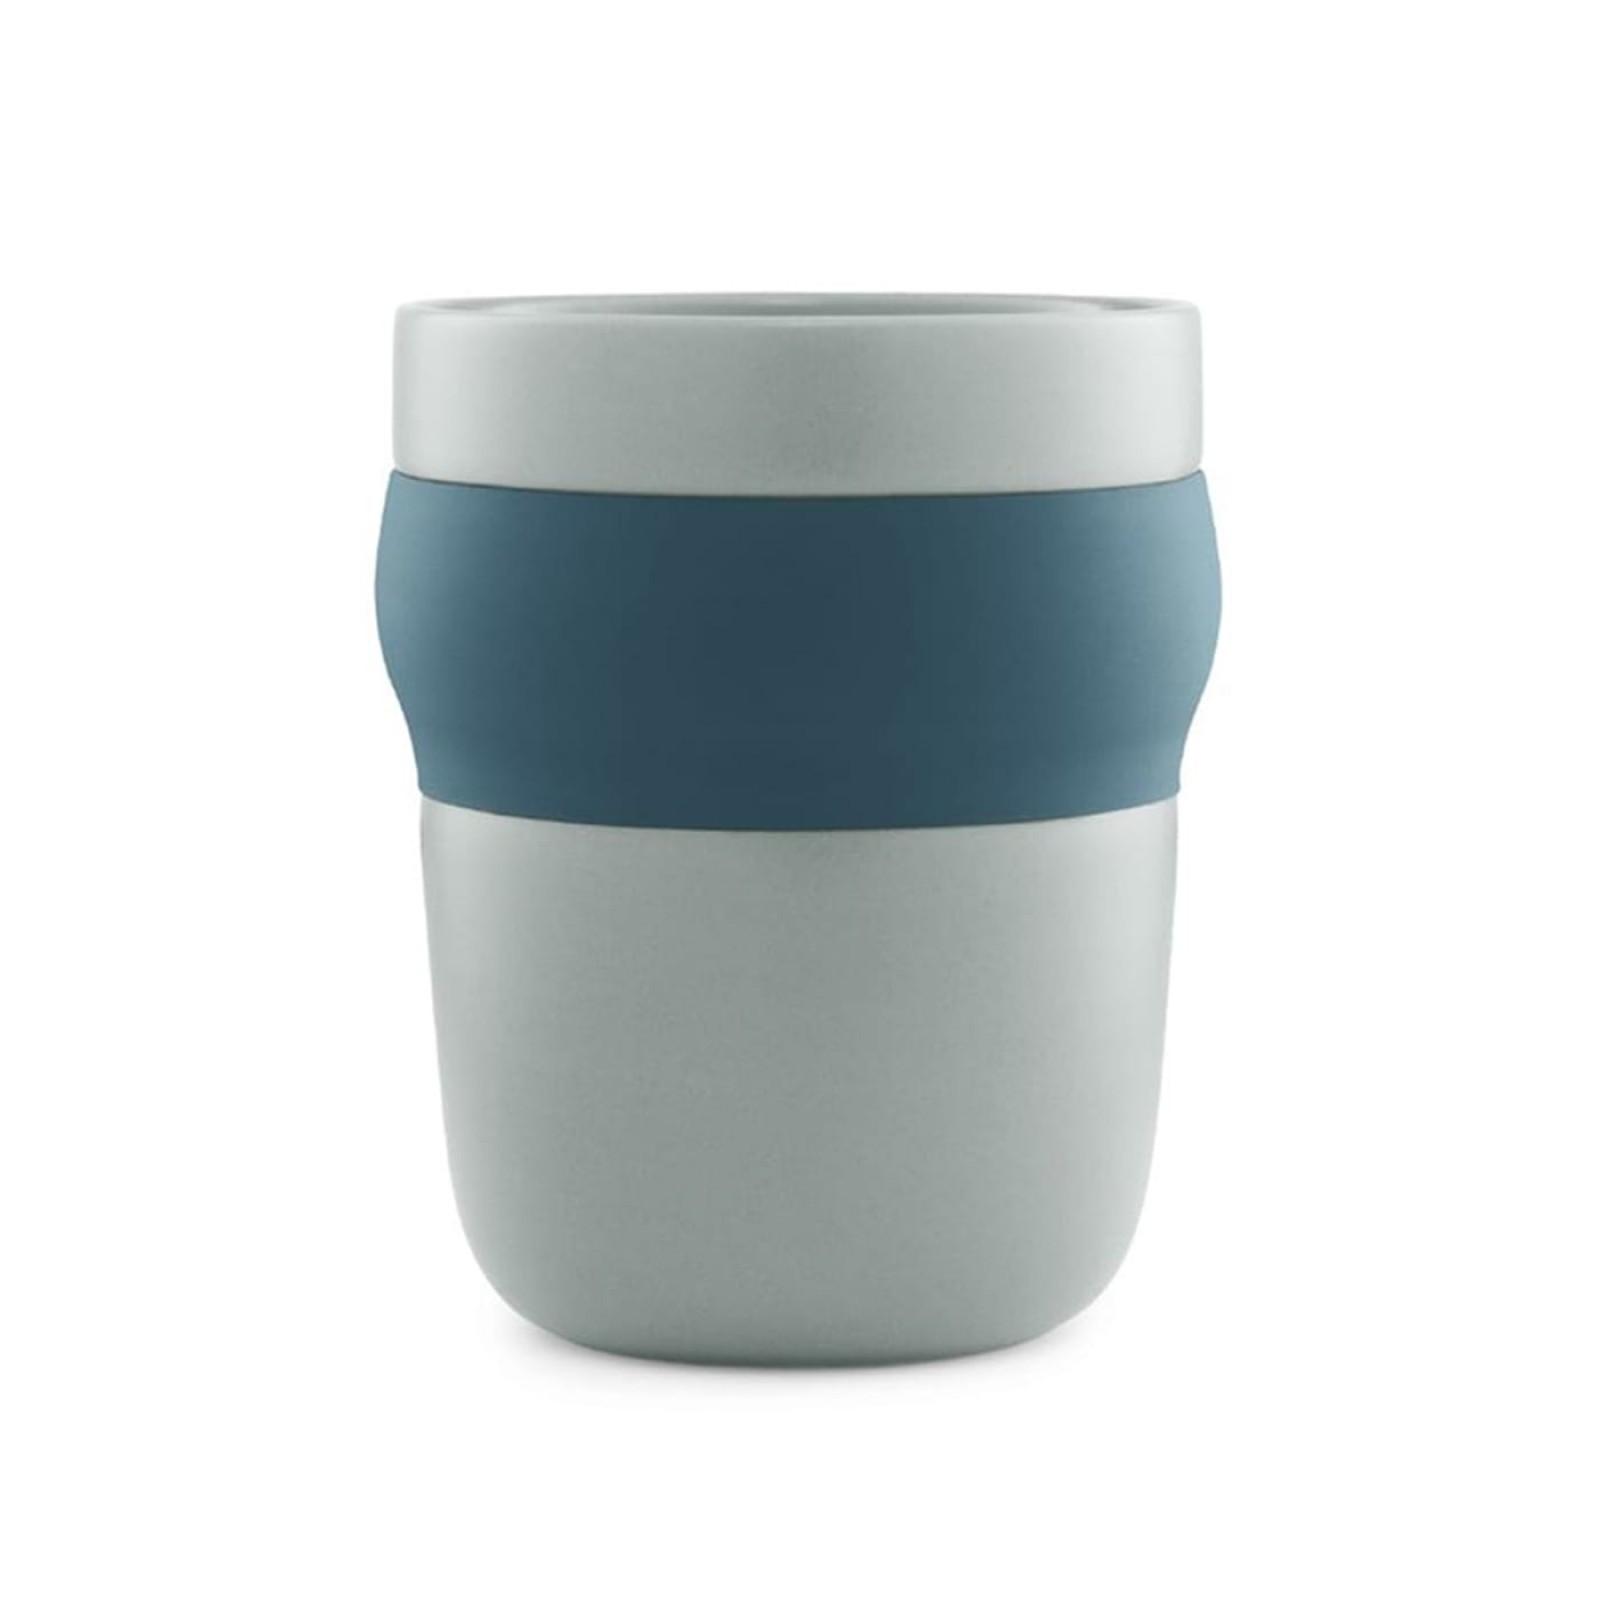 Κούπα Obi (Γαλάζιο) - Normann Copenhagen